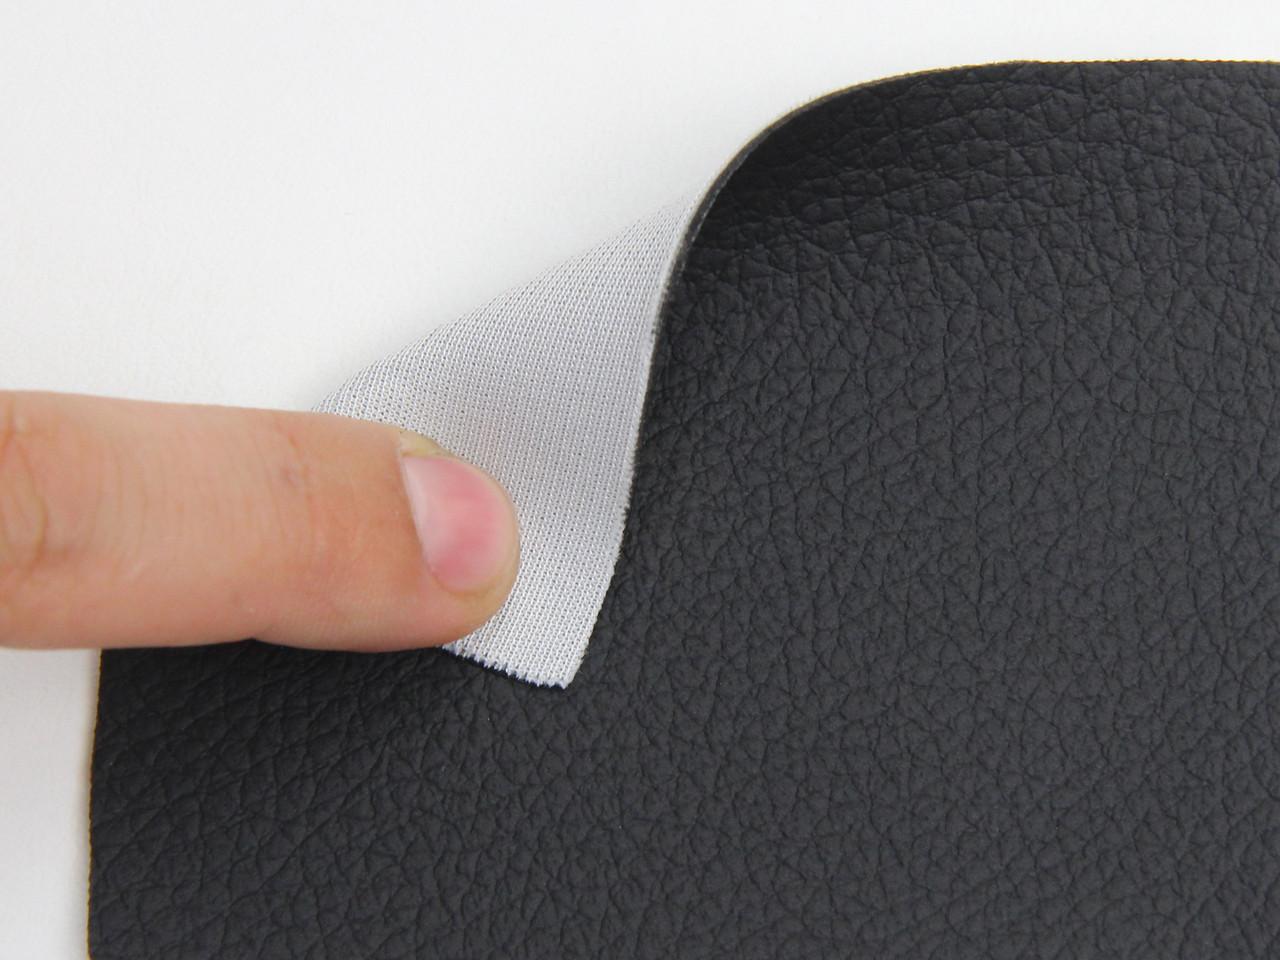 Чорний Кожзам для сидінь авто (текстурний BMW 09-69) на тканинній основі, ширина-1.80 м